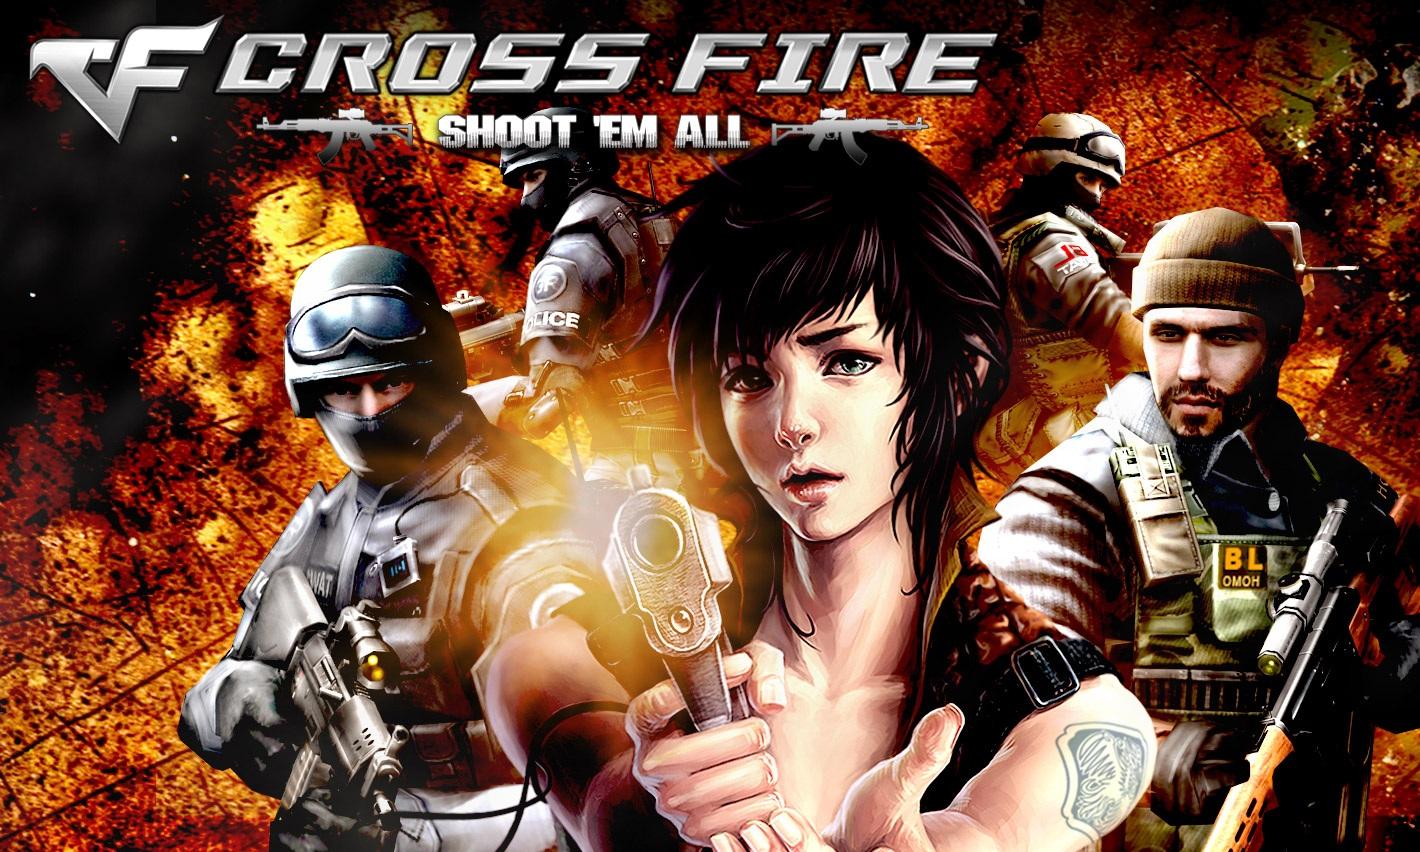 crossfire CrossFire Oyun Hileleri 28.06.2013 Yeni Versiyon indir   Download